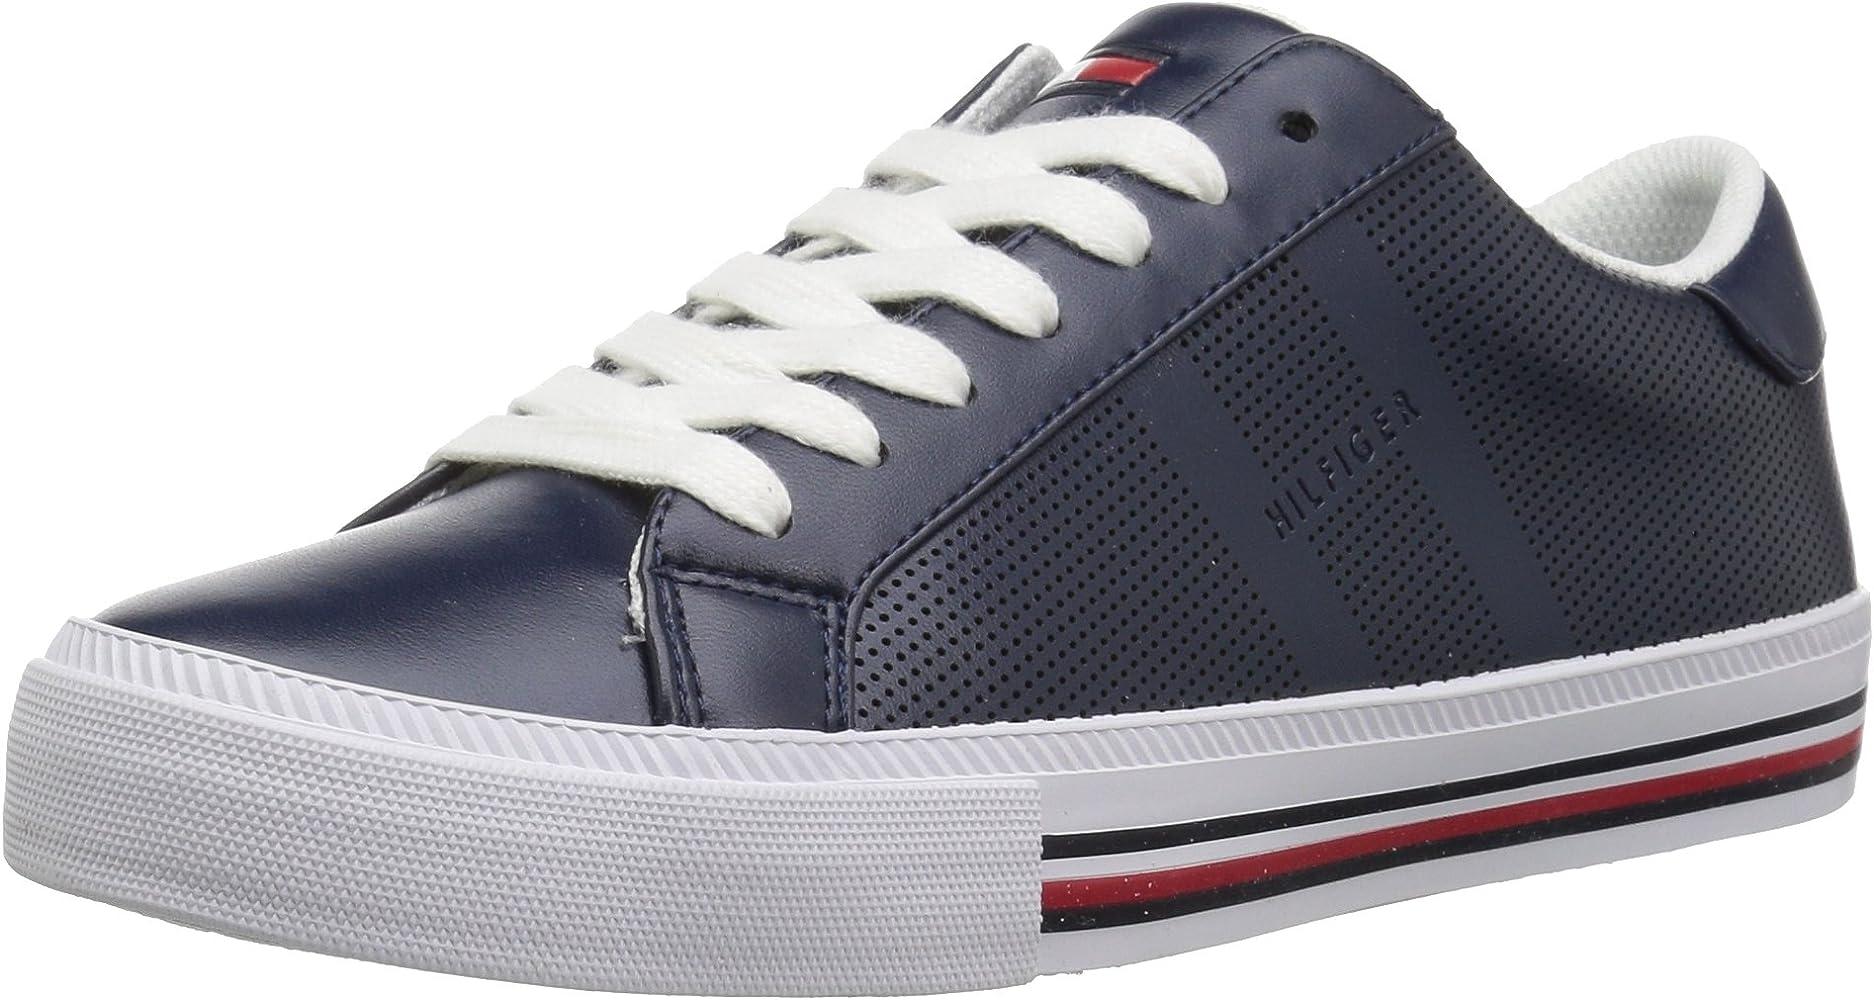 Tommy Hilfiger Tai Zapatillas De La Mujer Azul 7 5 B M Us Shoes